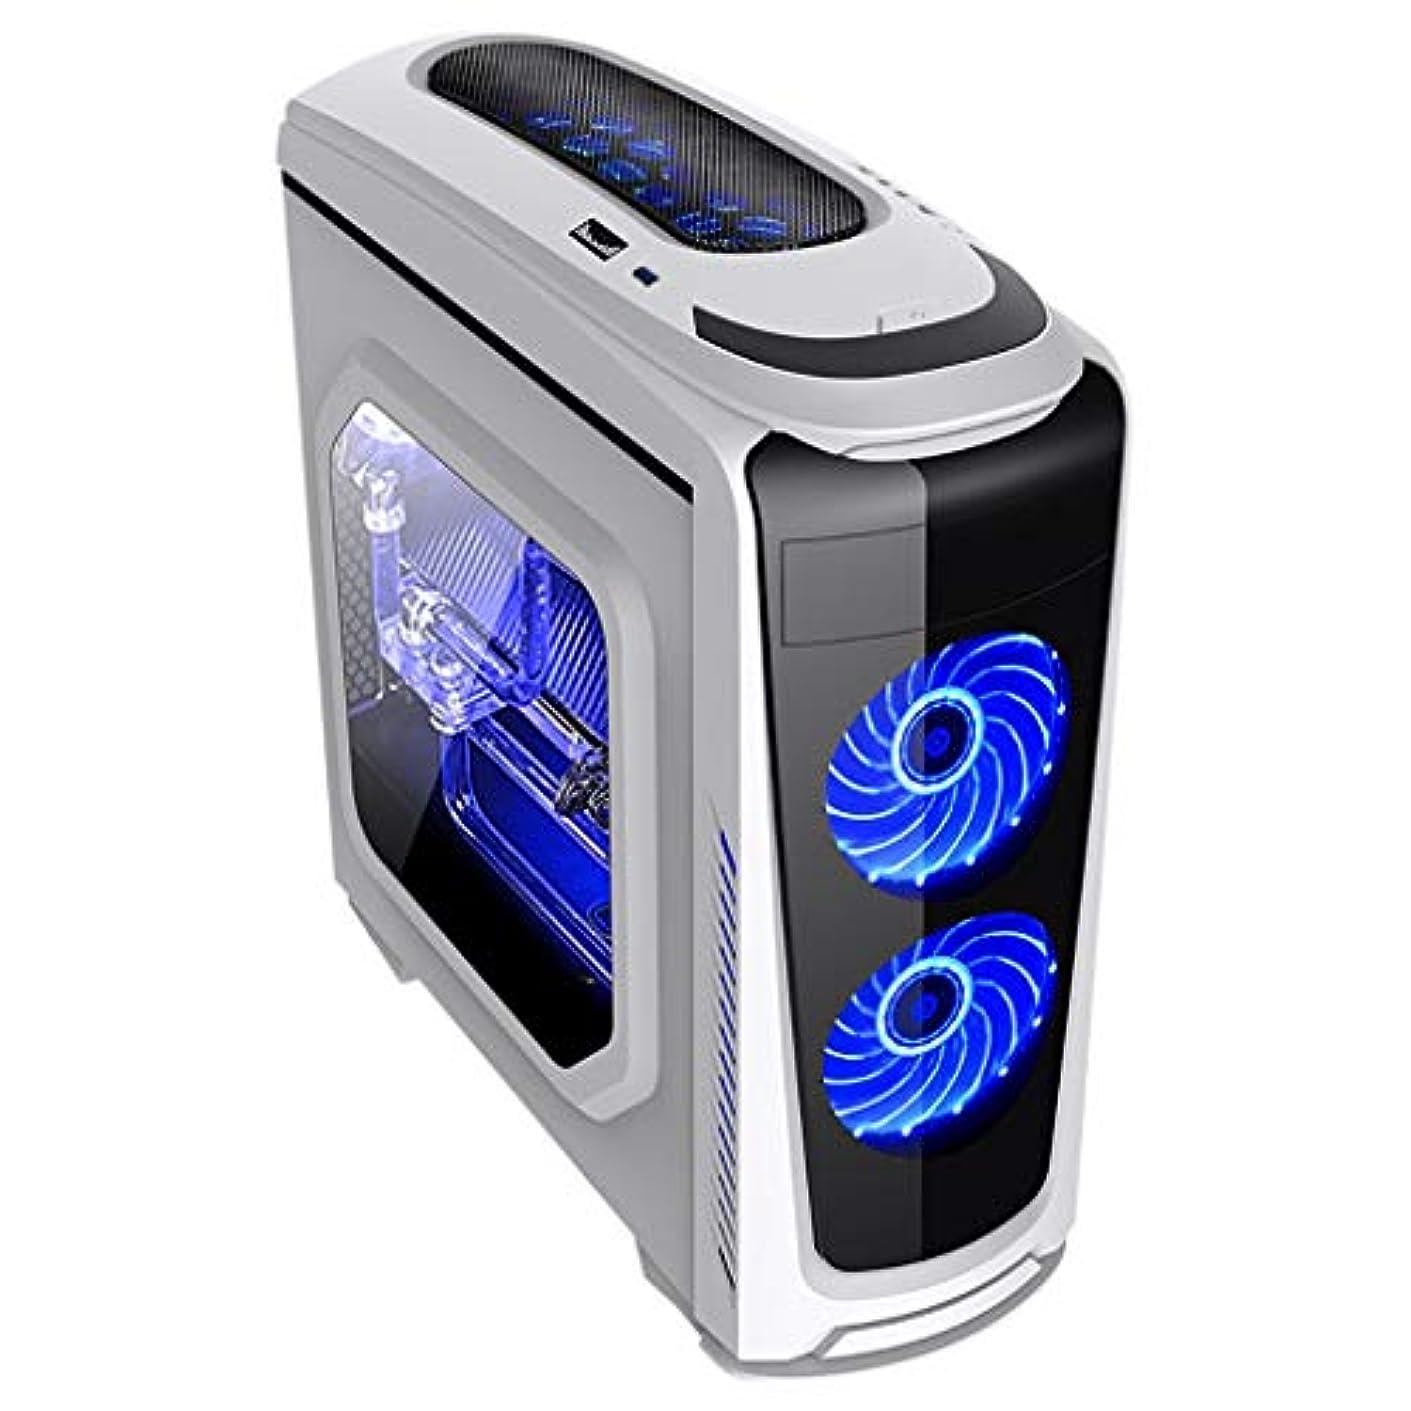 カウントアップきらめく特権XZ15 白いウィンドウのサイドパネルPCゲームシャーシ、ミッドタワー、ATX/M-ATX/Mini ITX、液体冷却とファンのサポート、ゲーマープロのデスクトップPC (Color : White)